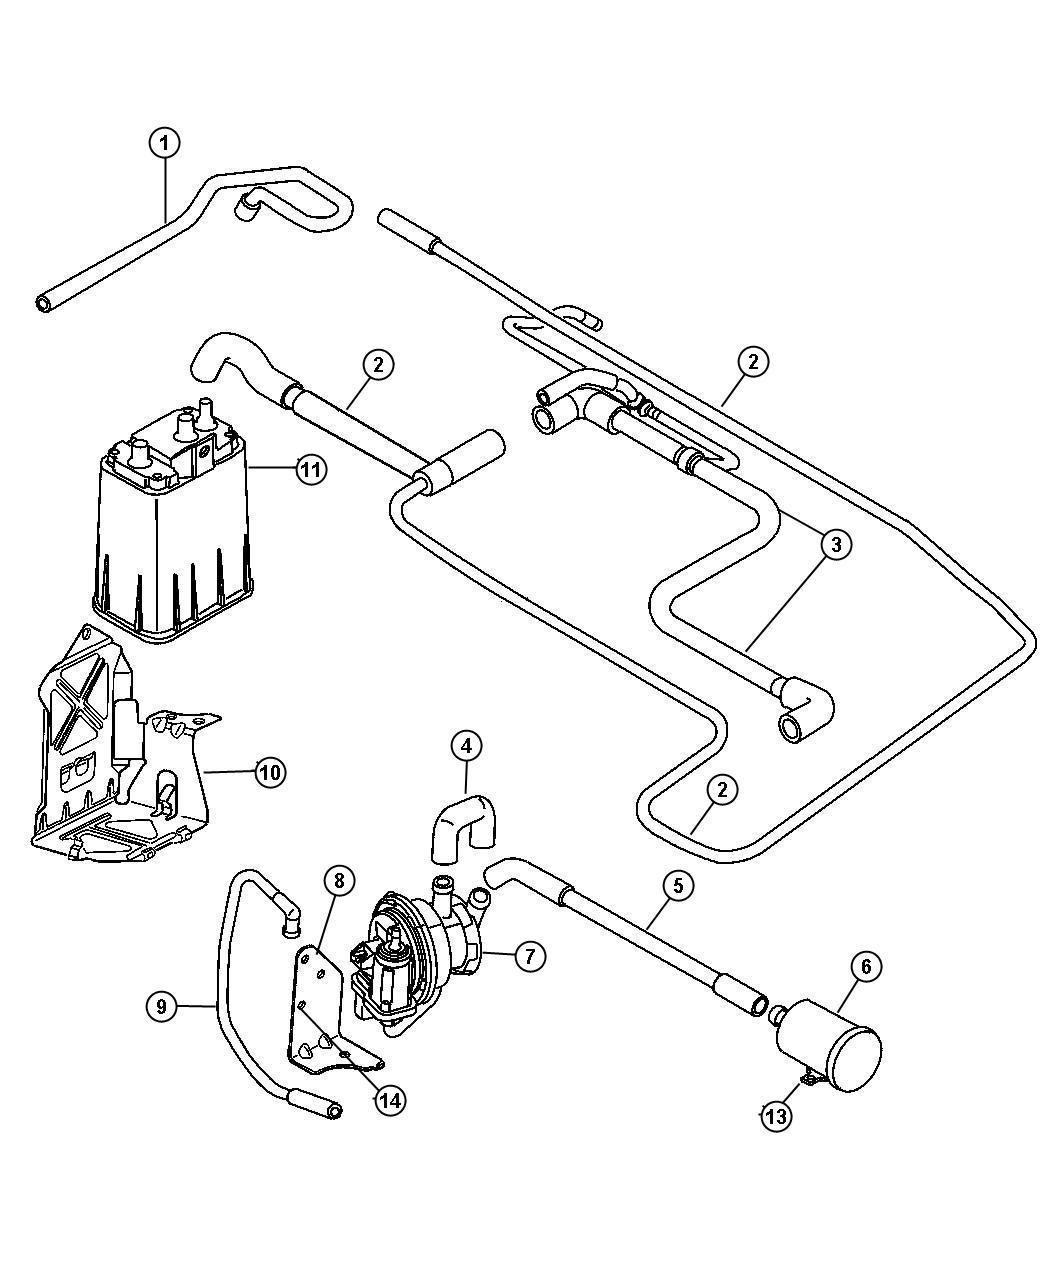 chrysler wiring diagram m2 14 bk yl 1975 harley davidson flh 1999 peterbilt diagrams images